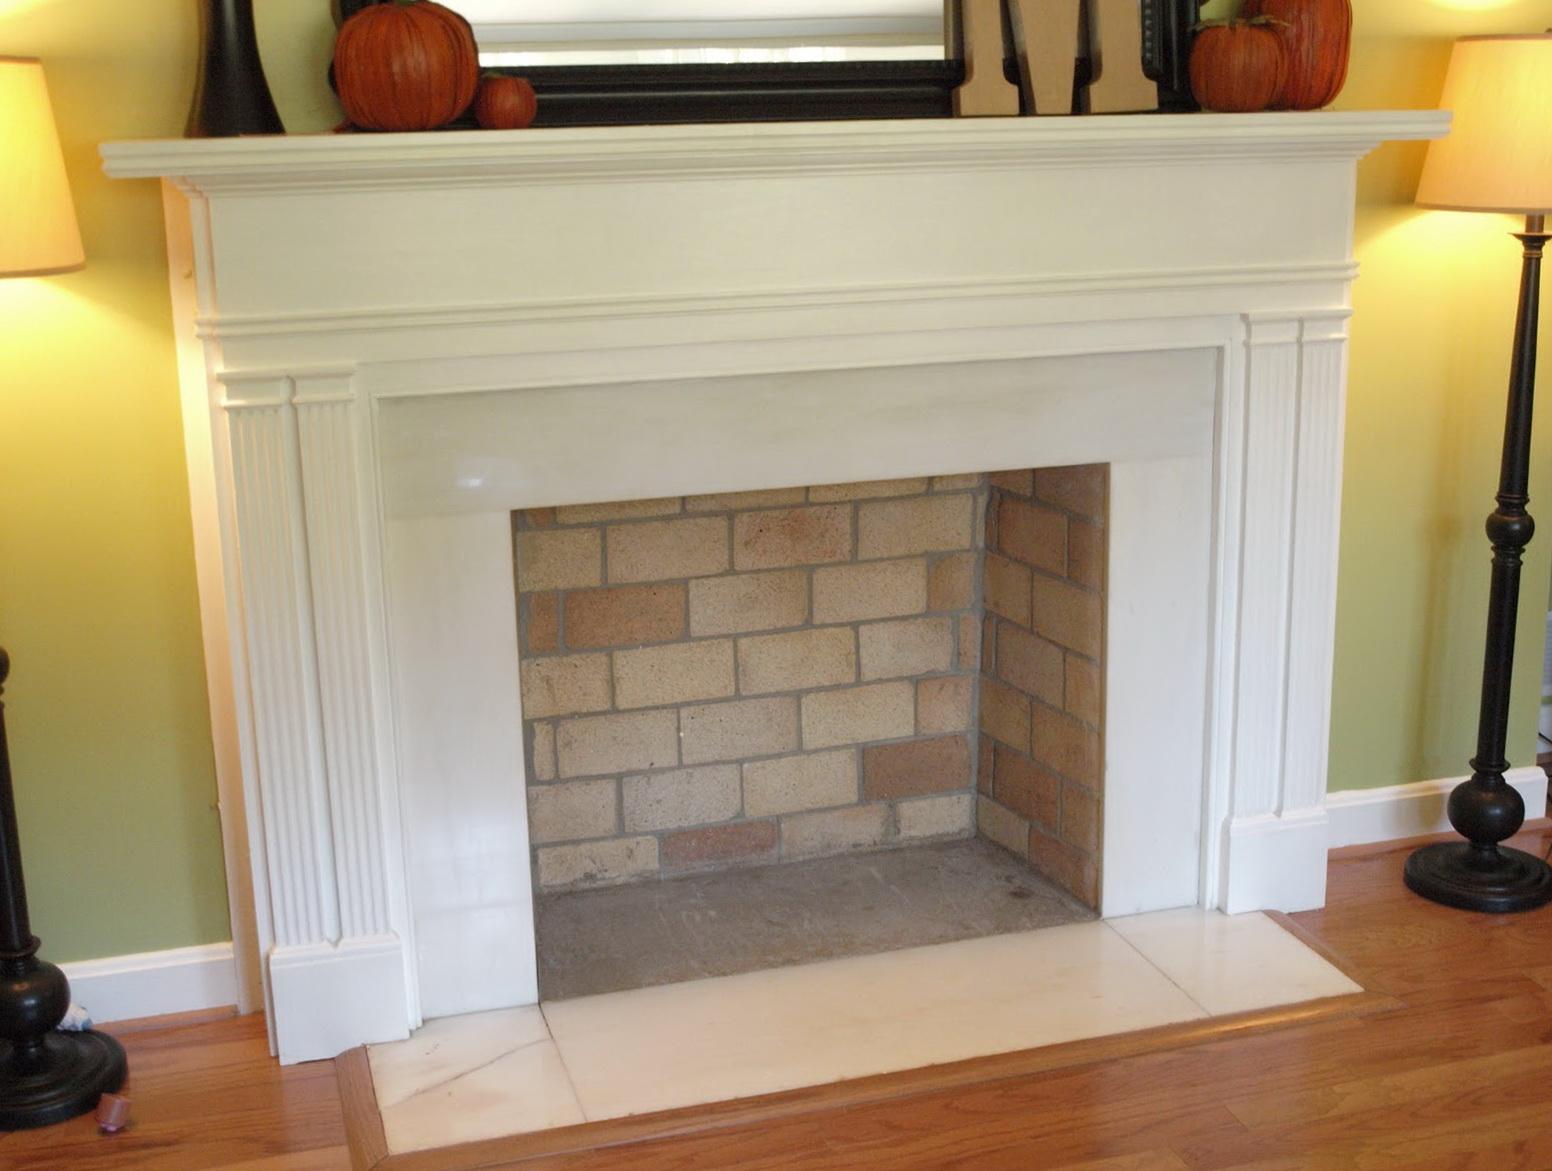 Diy Fake Fireplace Mantel | Home Design Ideas